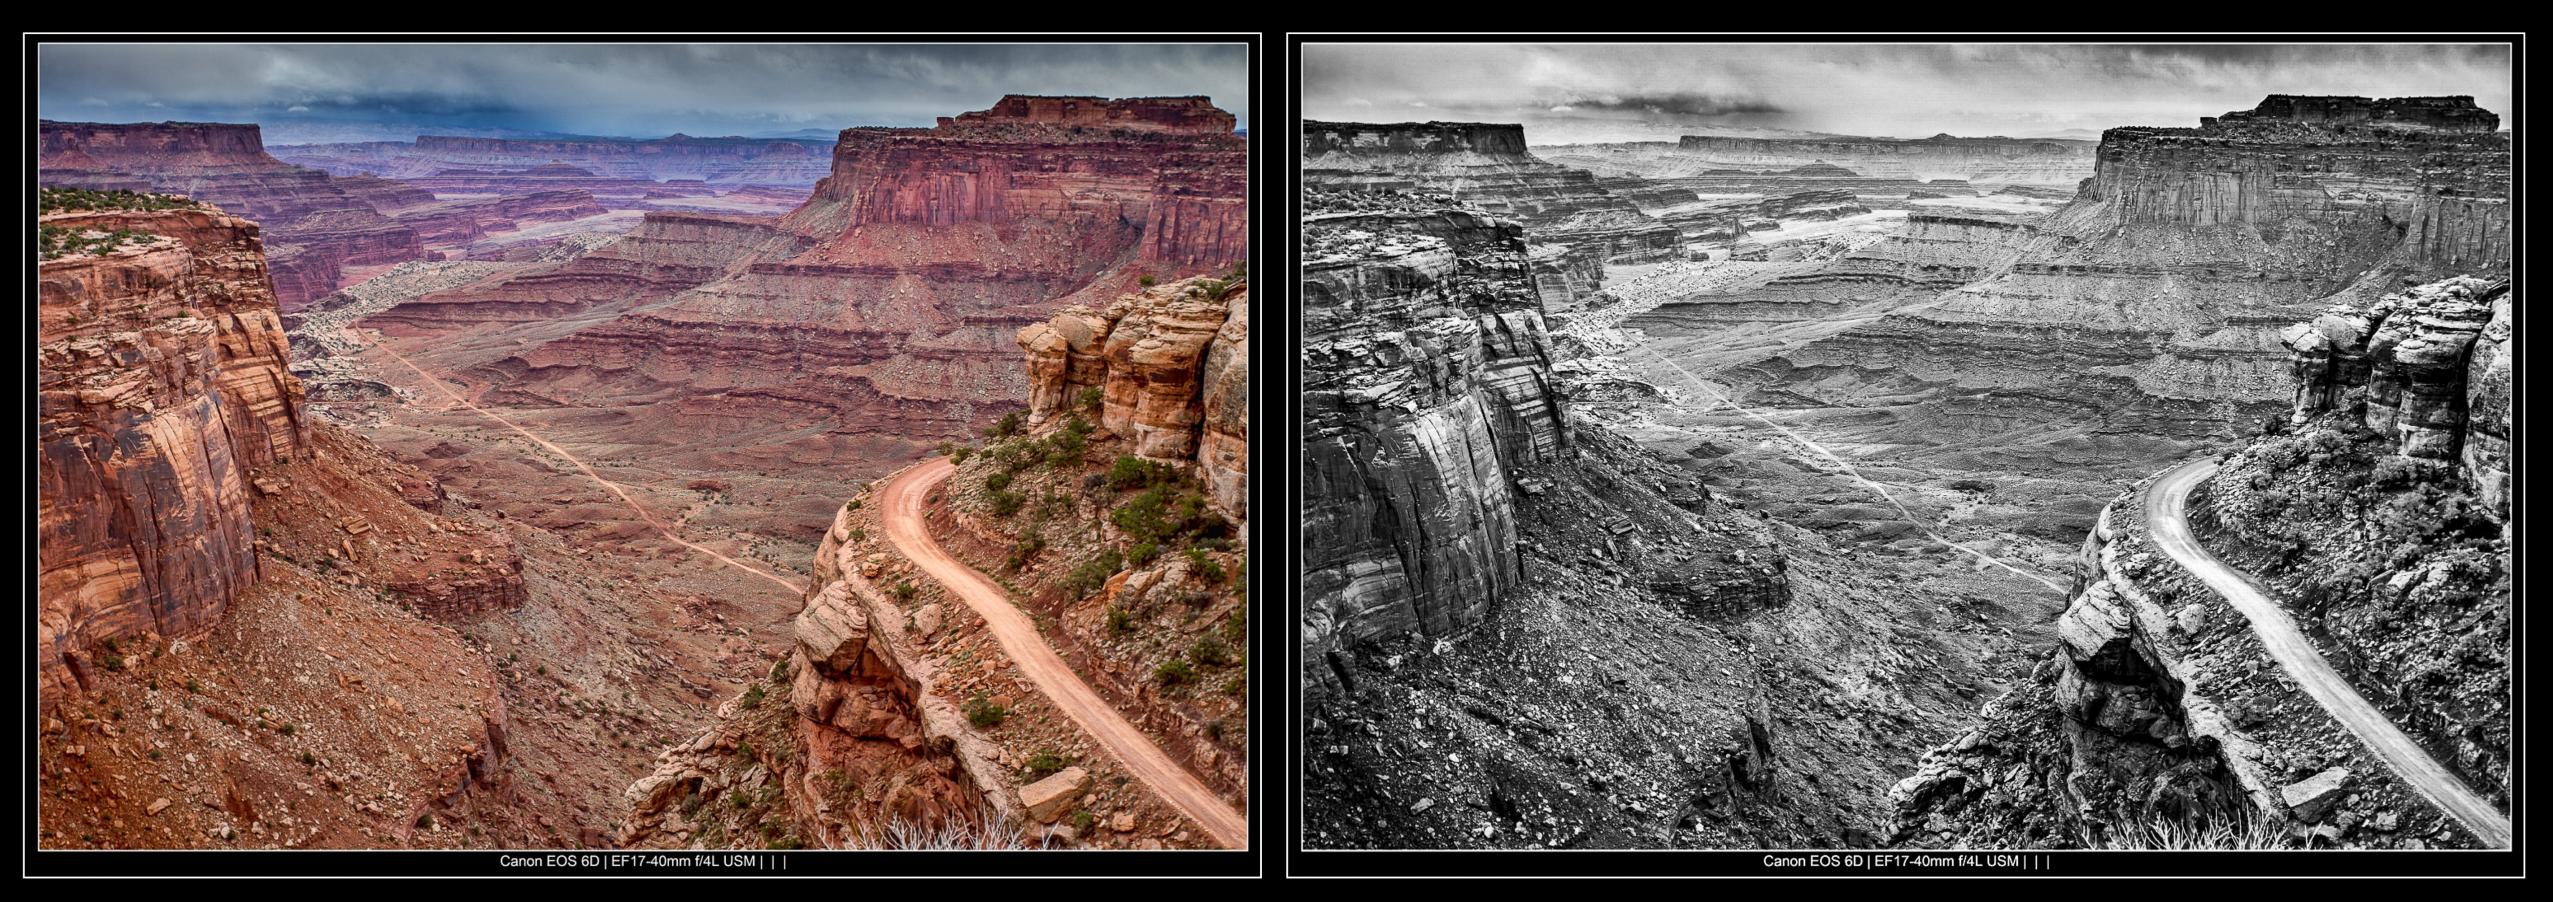 black and white versus color comparison